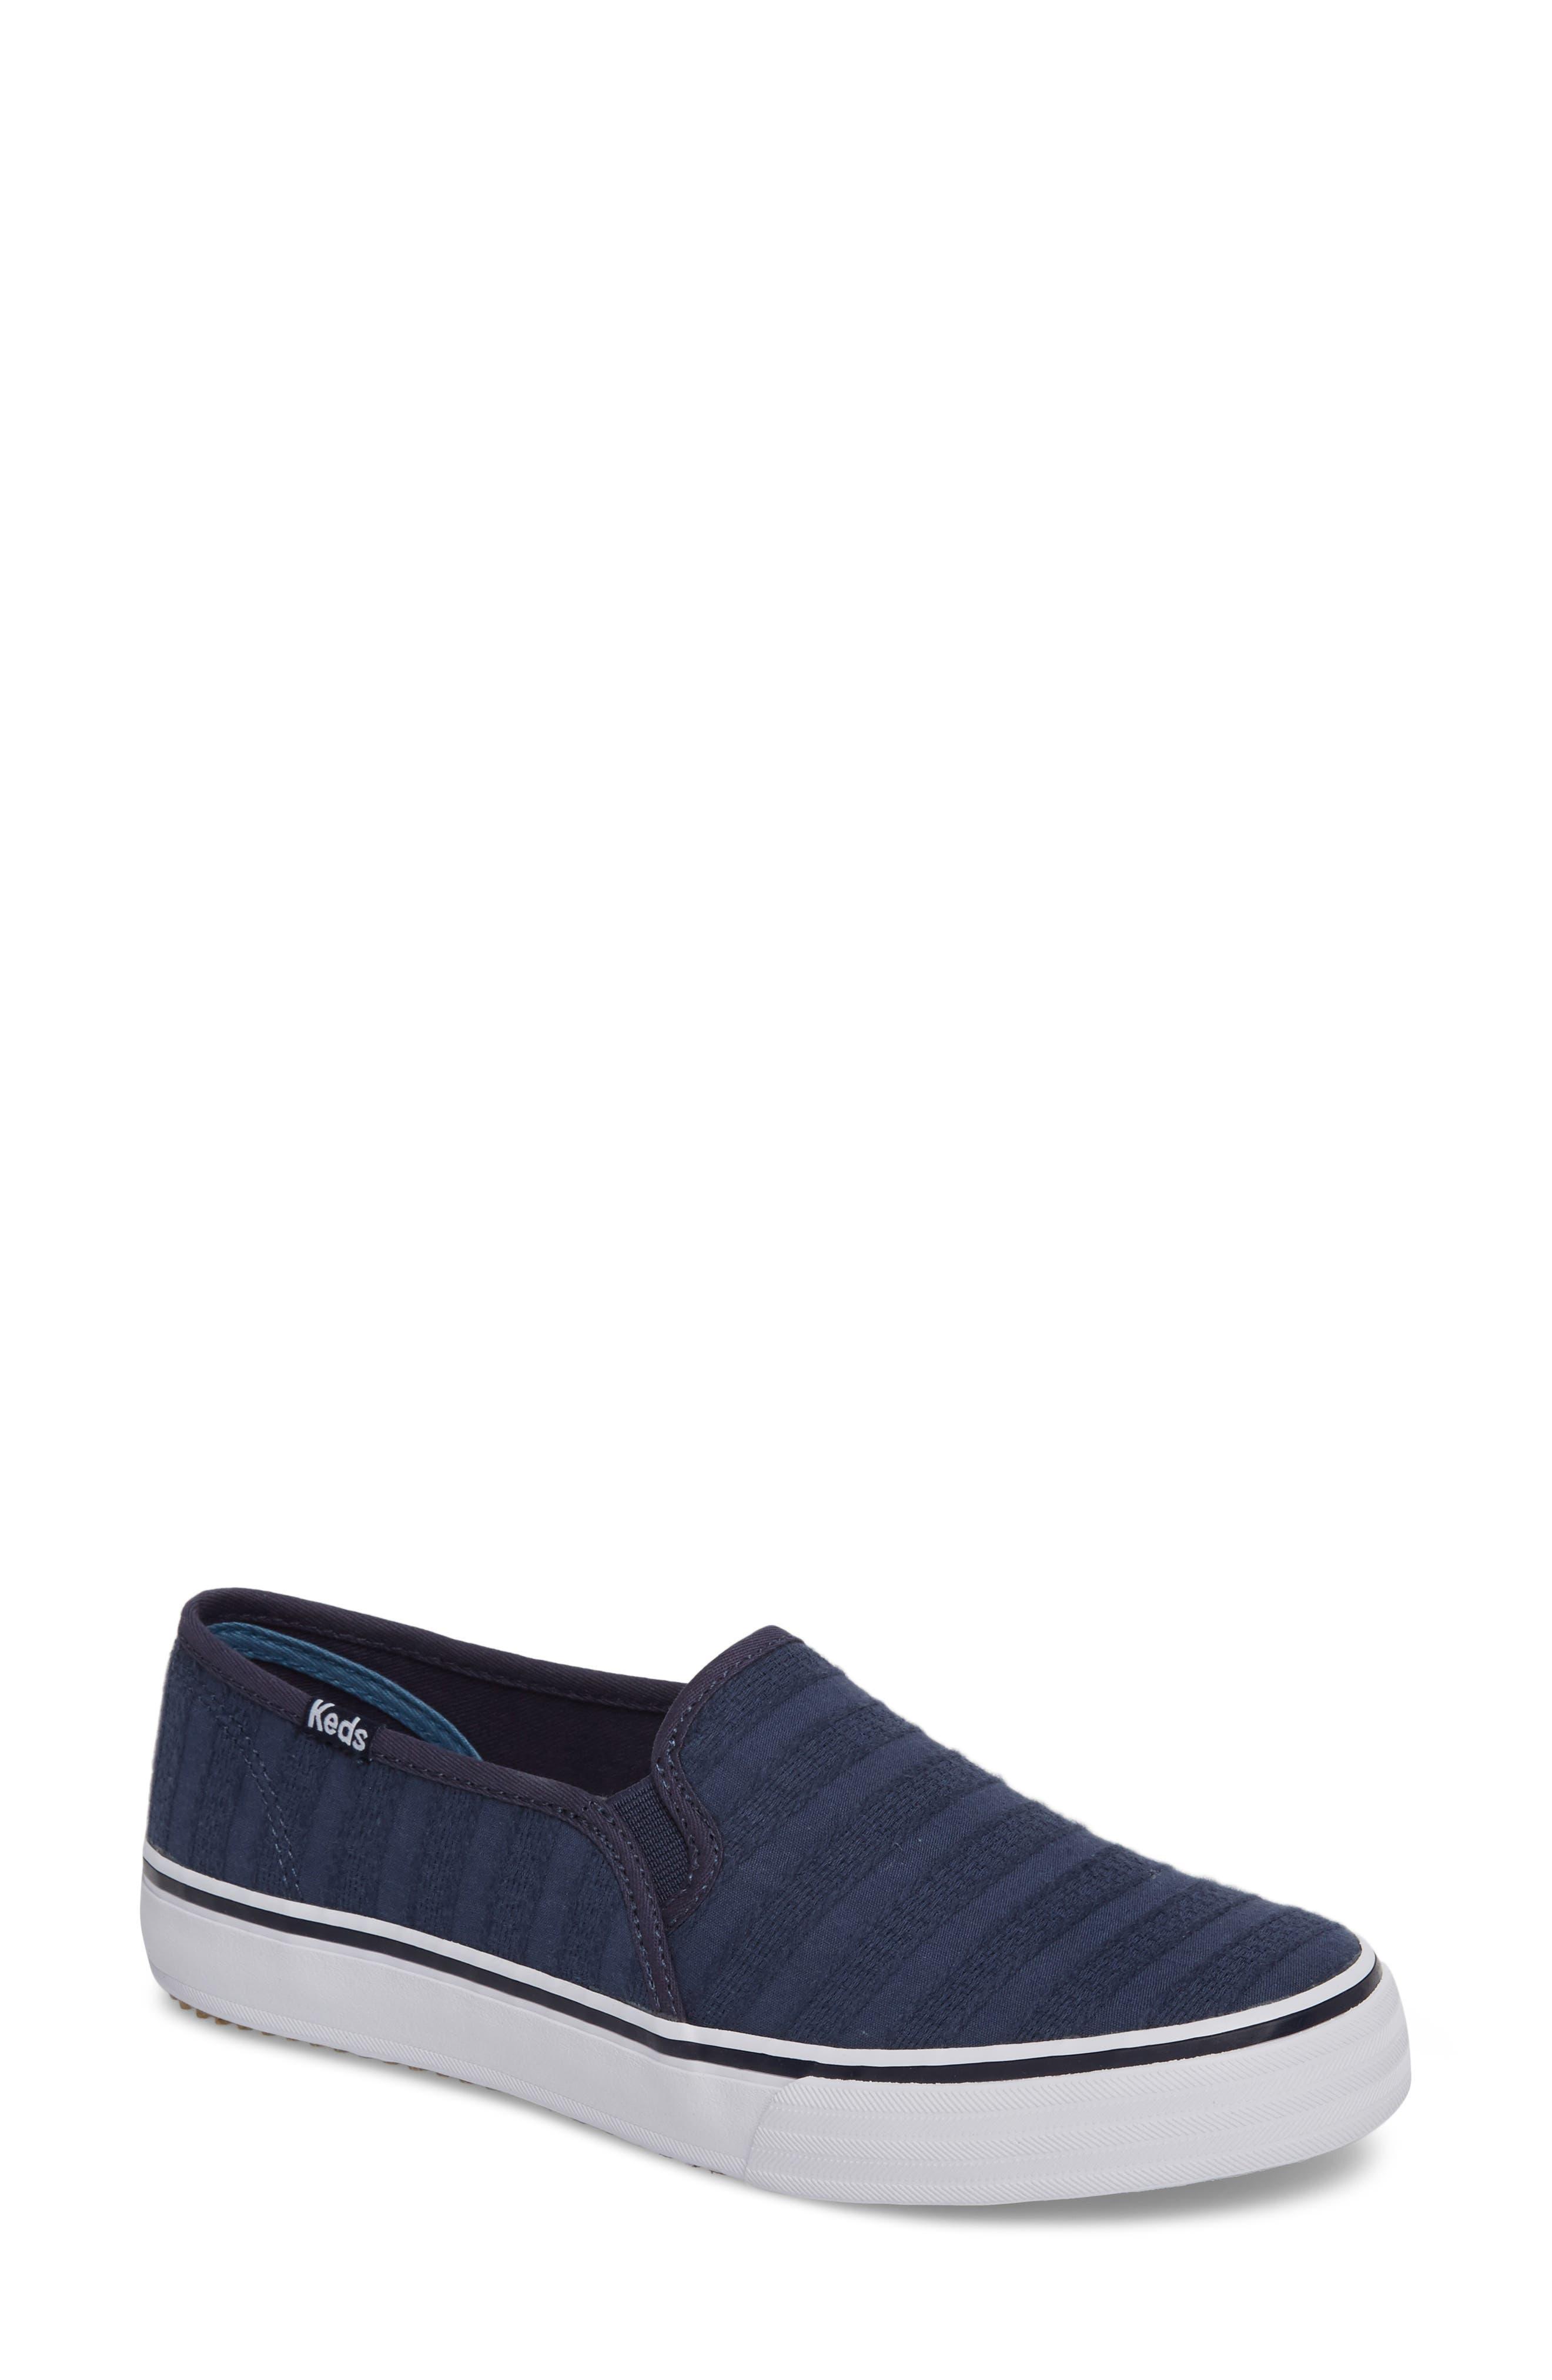 Keds® Double Decker Slip-On Sneaker (Women)